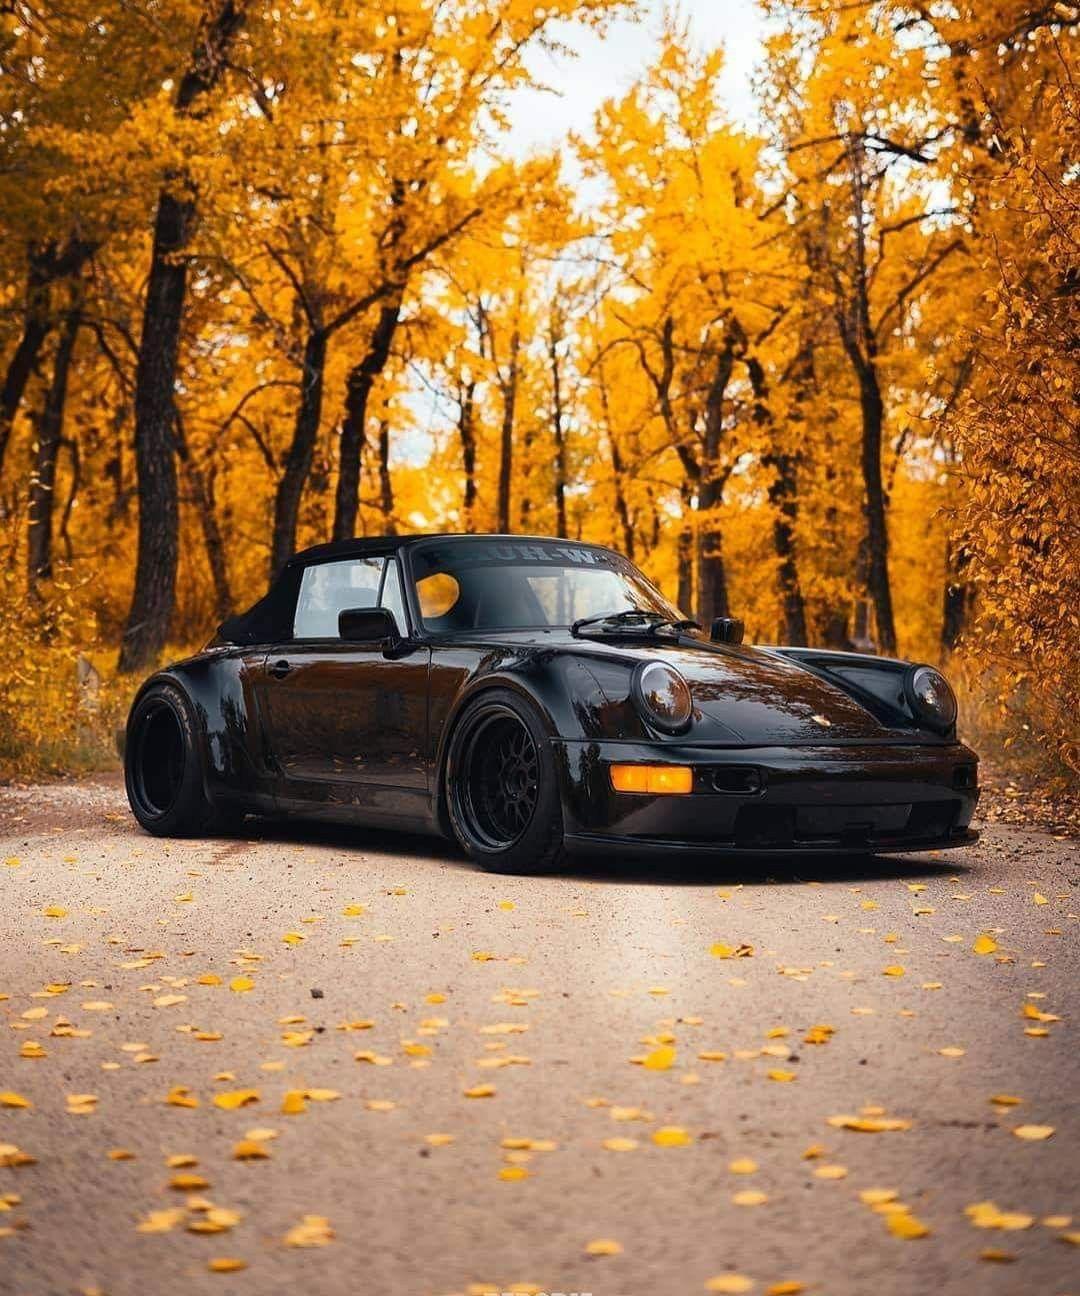 Luxury Cars Porsche Cars Black Porsche: Pinterest: Quickone2012 ♆